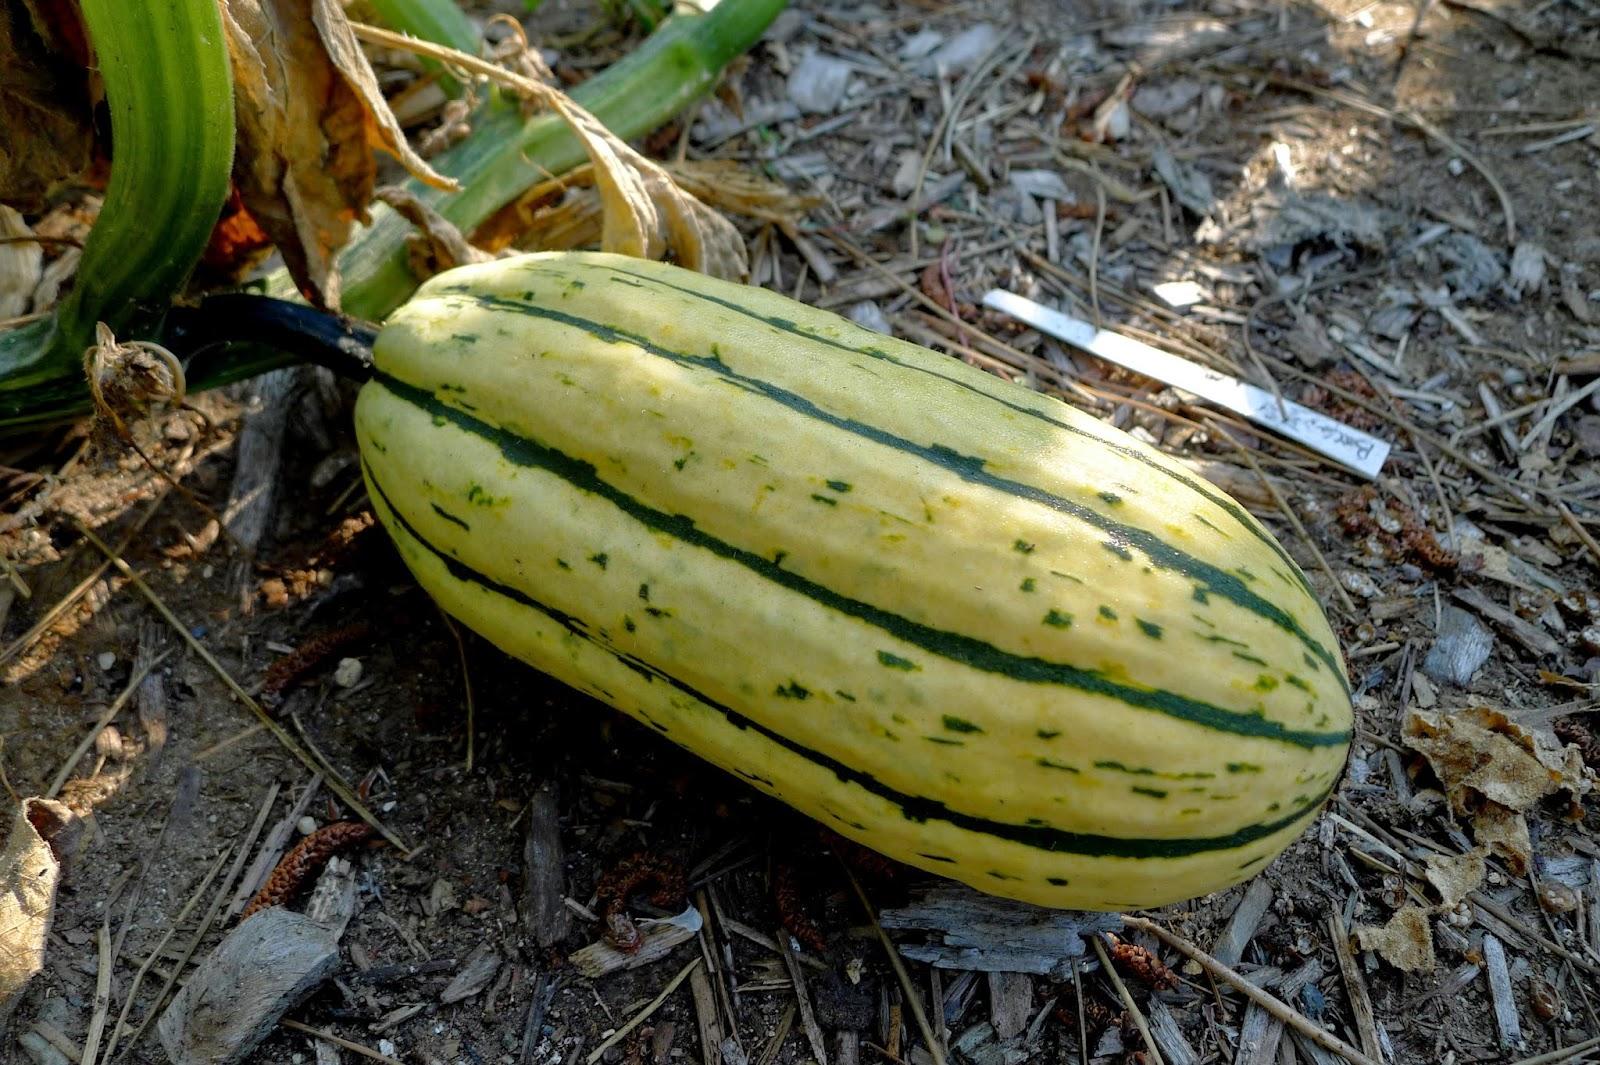 Ripe Delicata Squash, urban farming, gardening